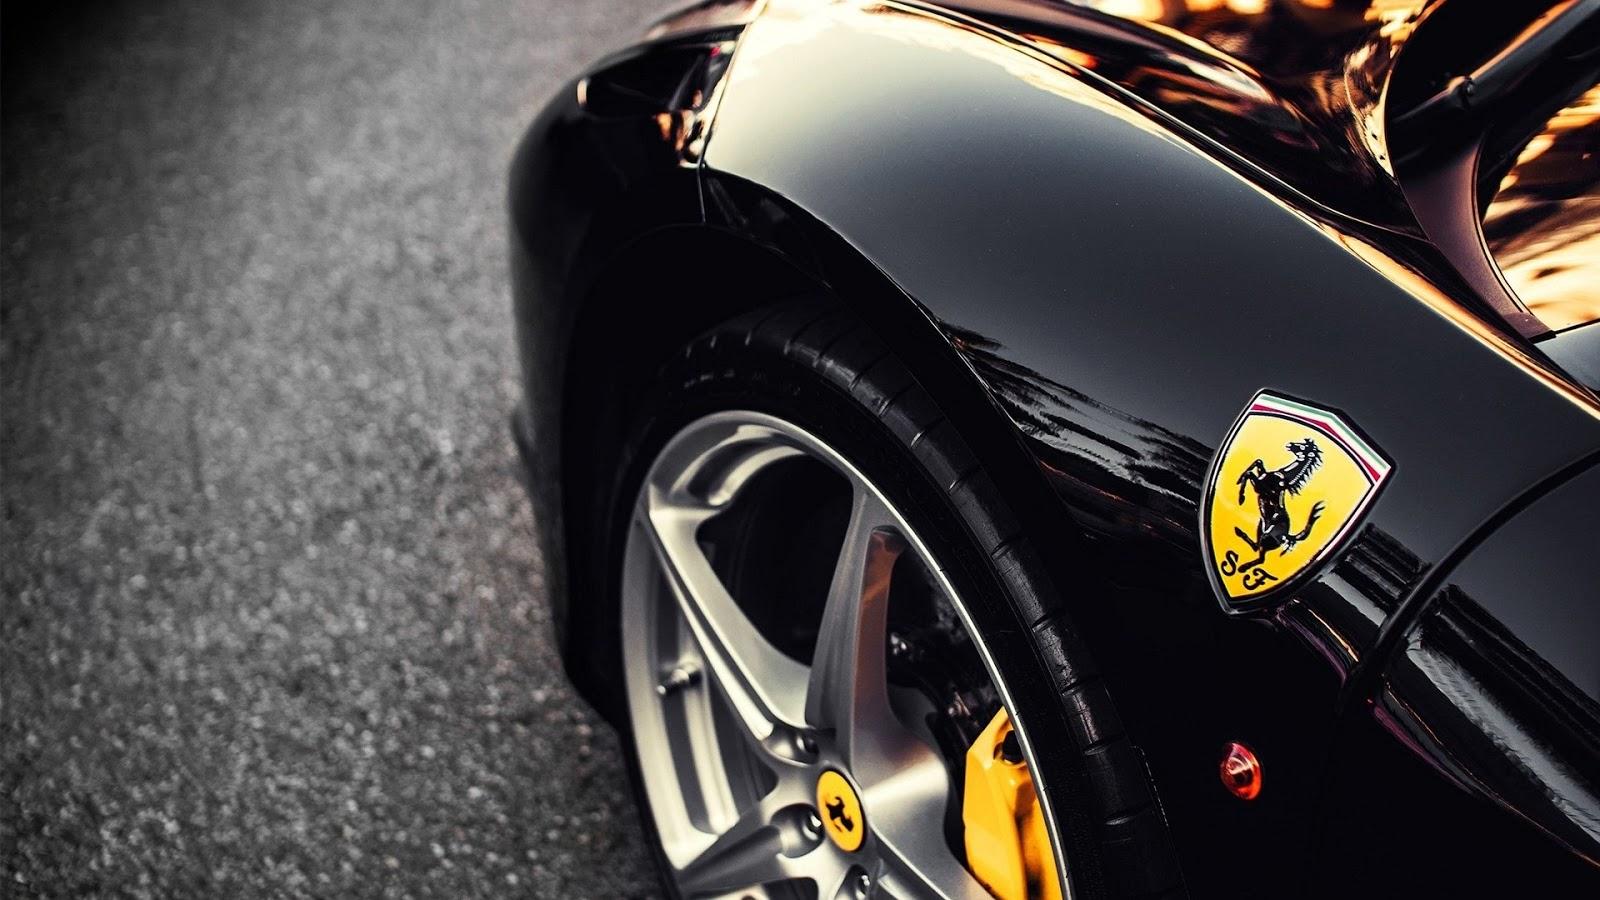 Part of Black Ferrari